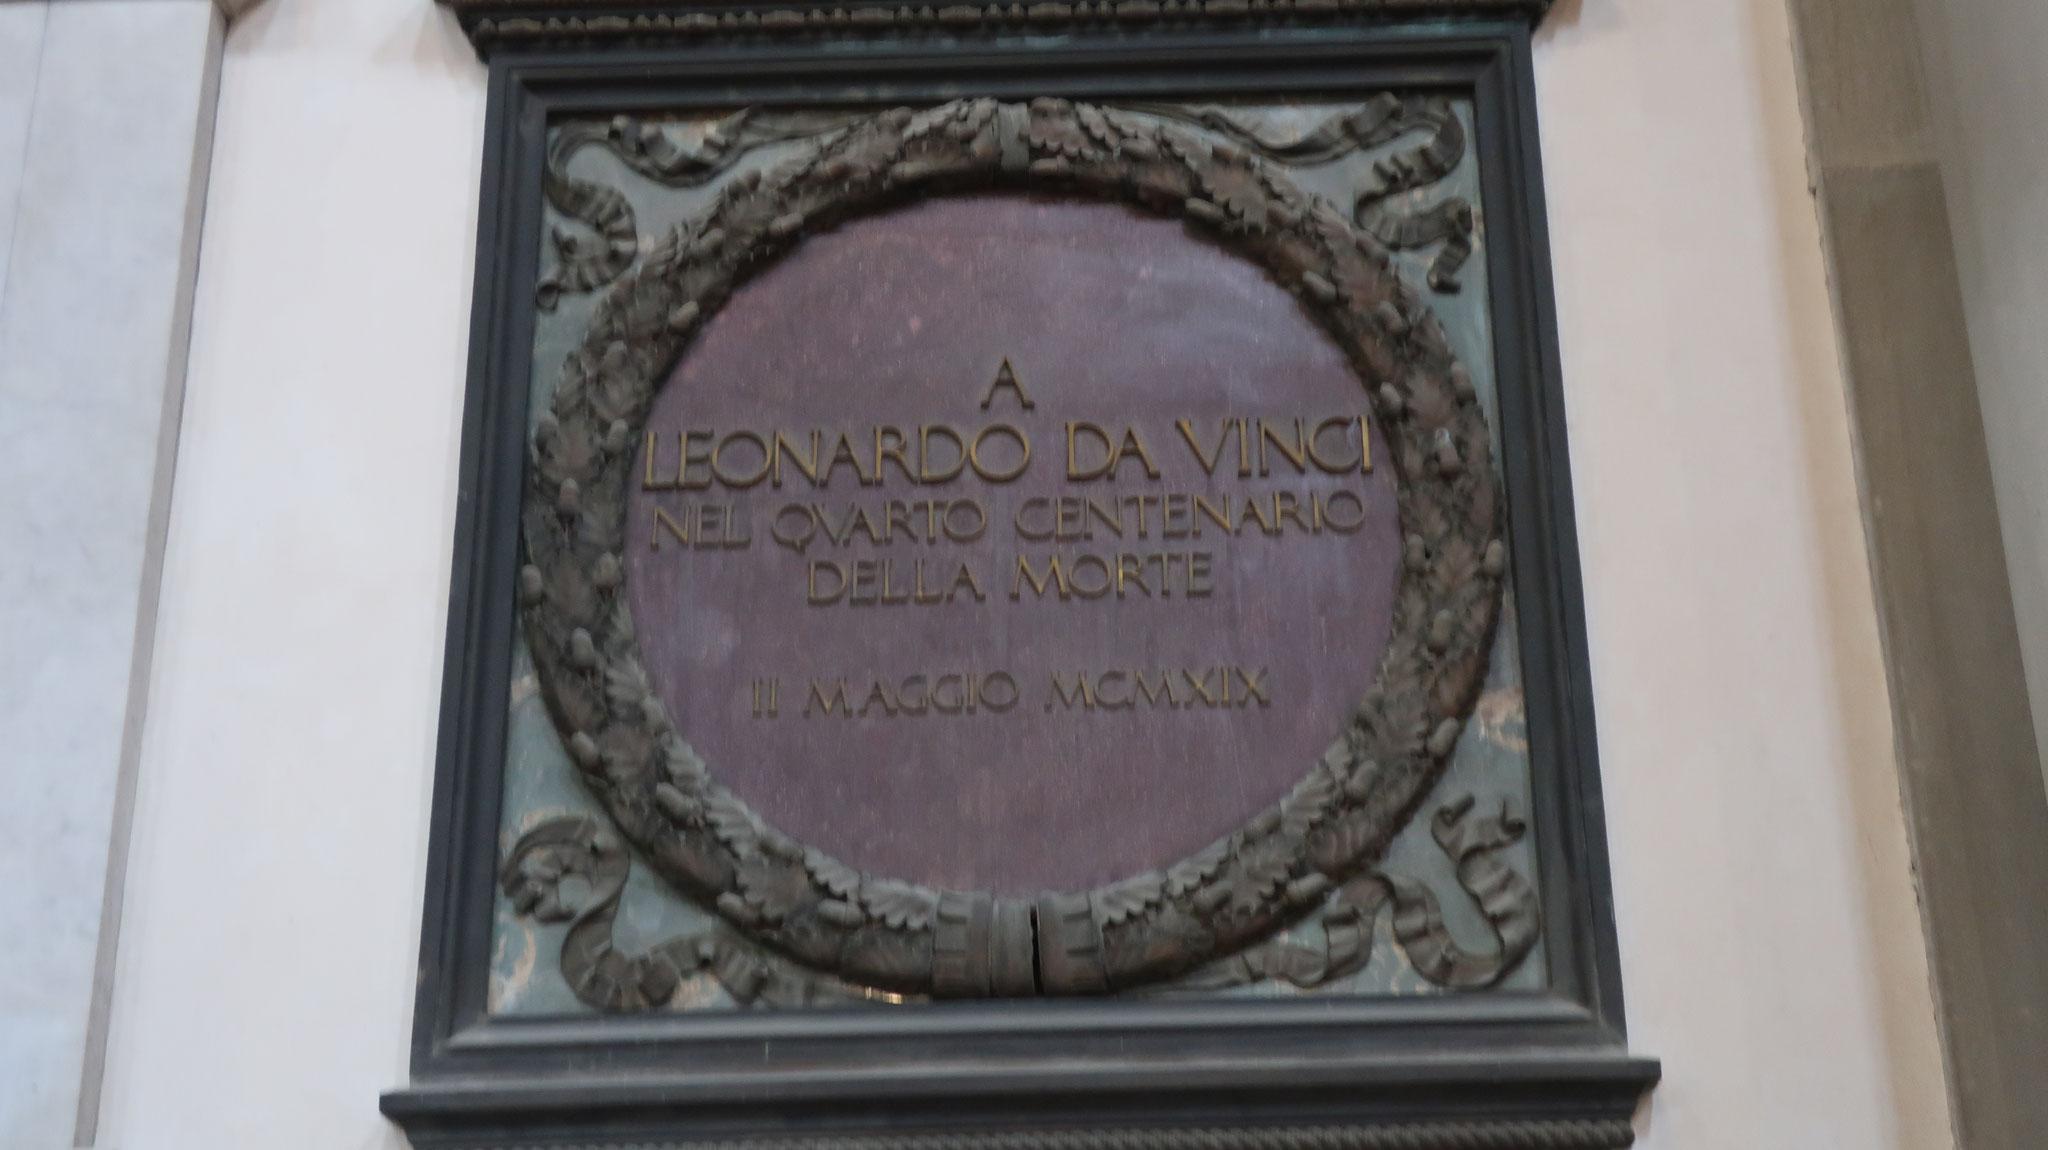 教会内にあるレオナルド・ダ・ヴィンチの墓